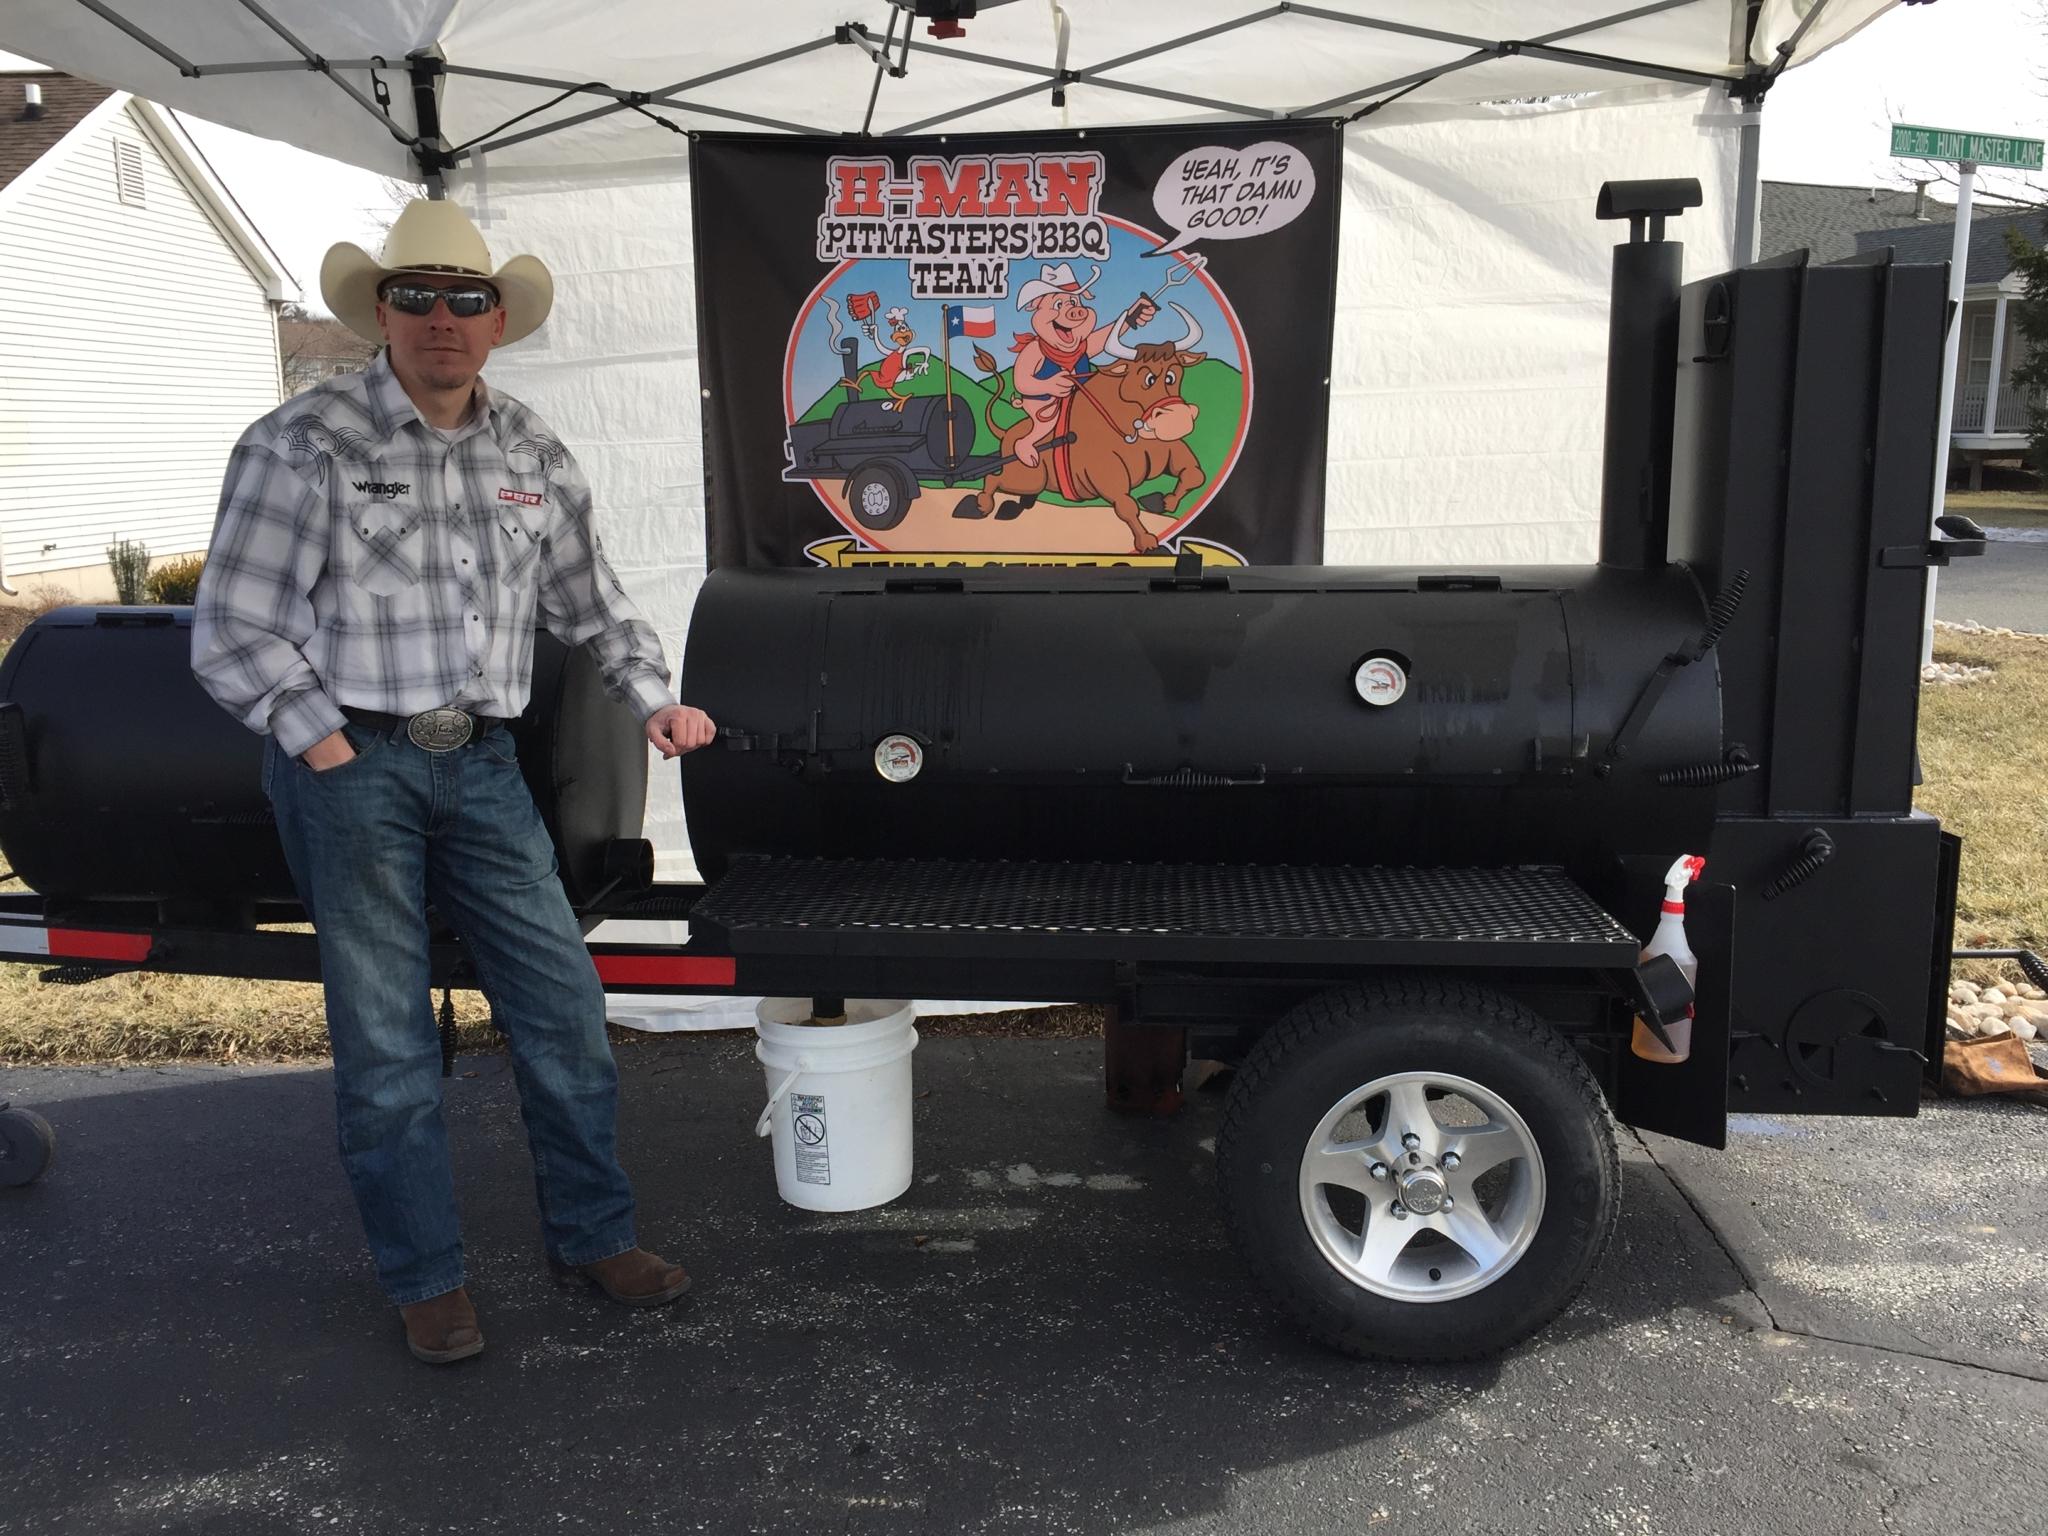 New-BBQ-Smoker